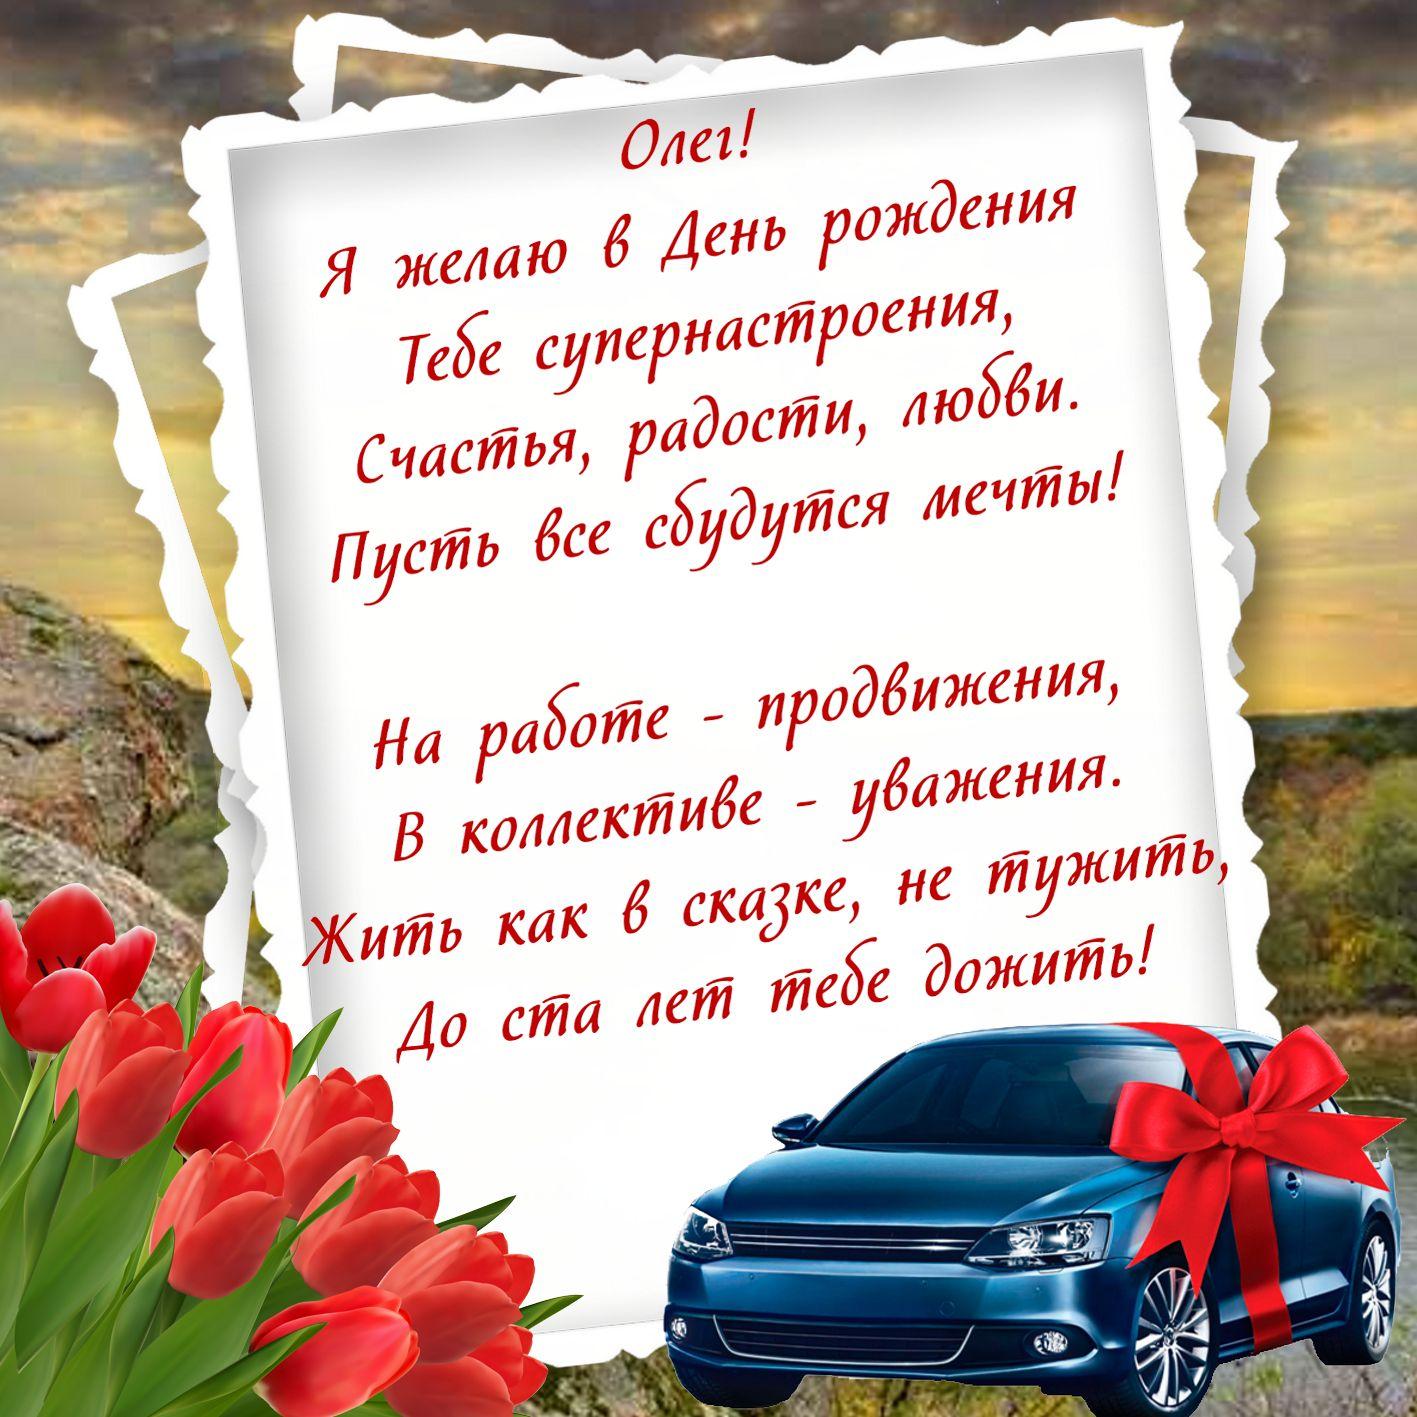 Открытка с машиной и красивым пожеланием для Олега